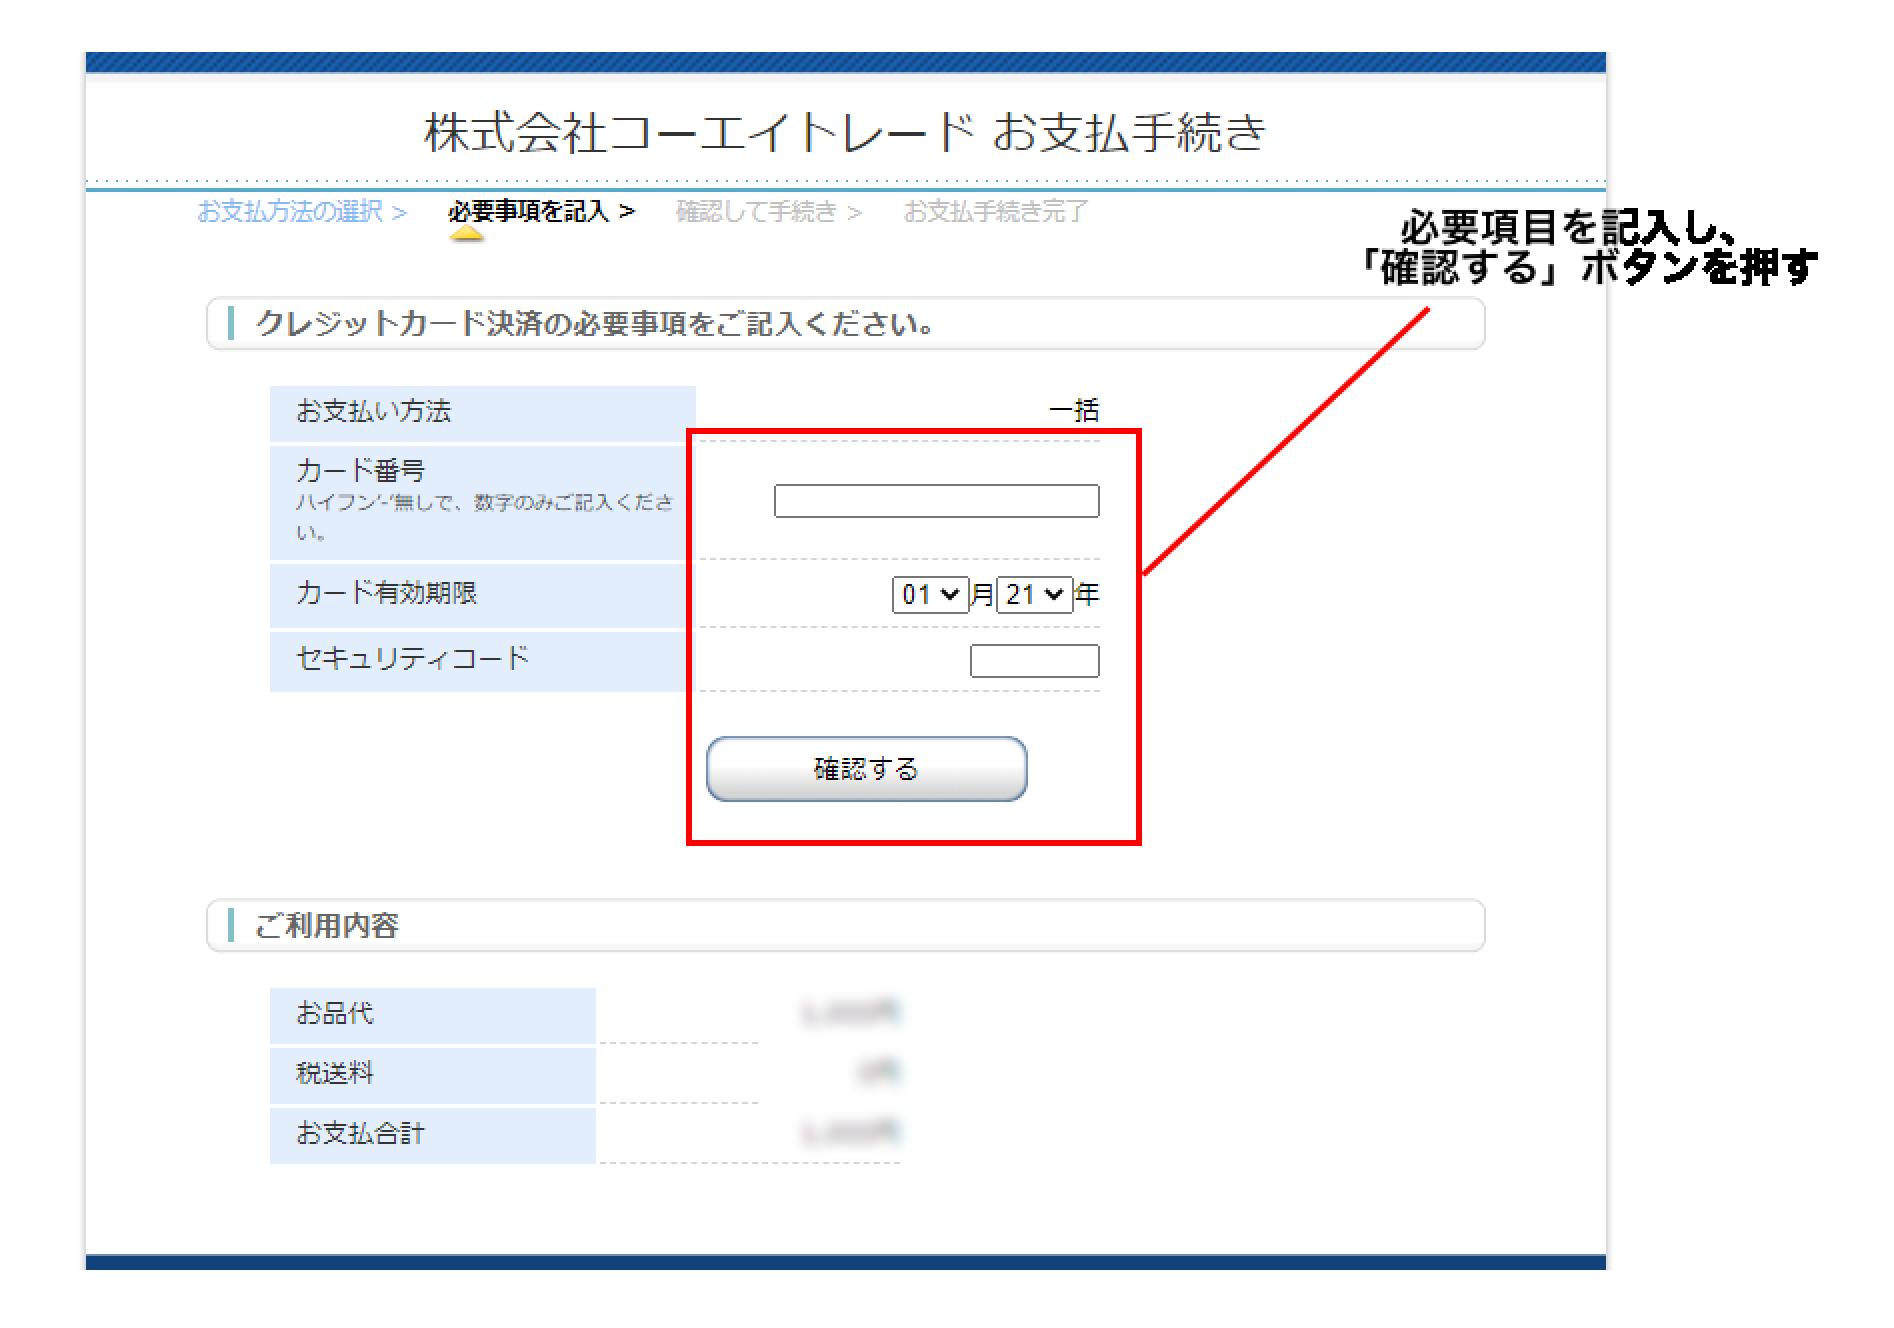 お支払手続き画面のへ必要項目を記入し、「確認する」ボタンを押す